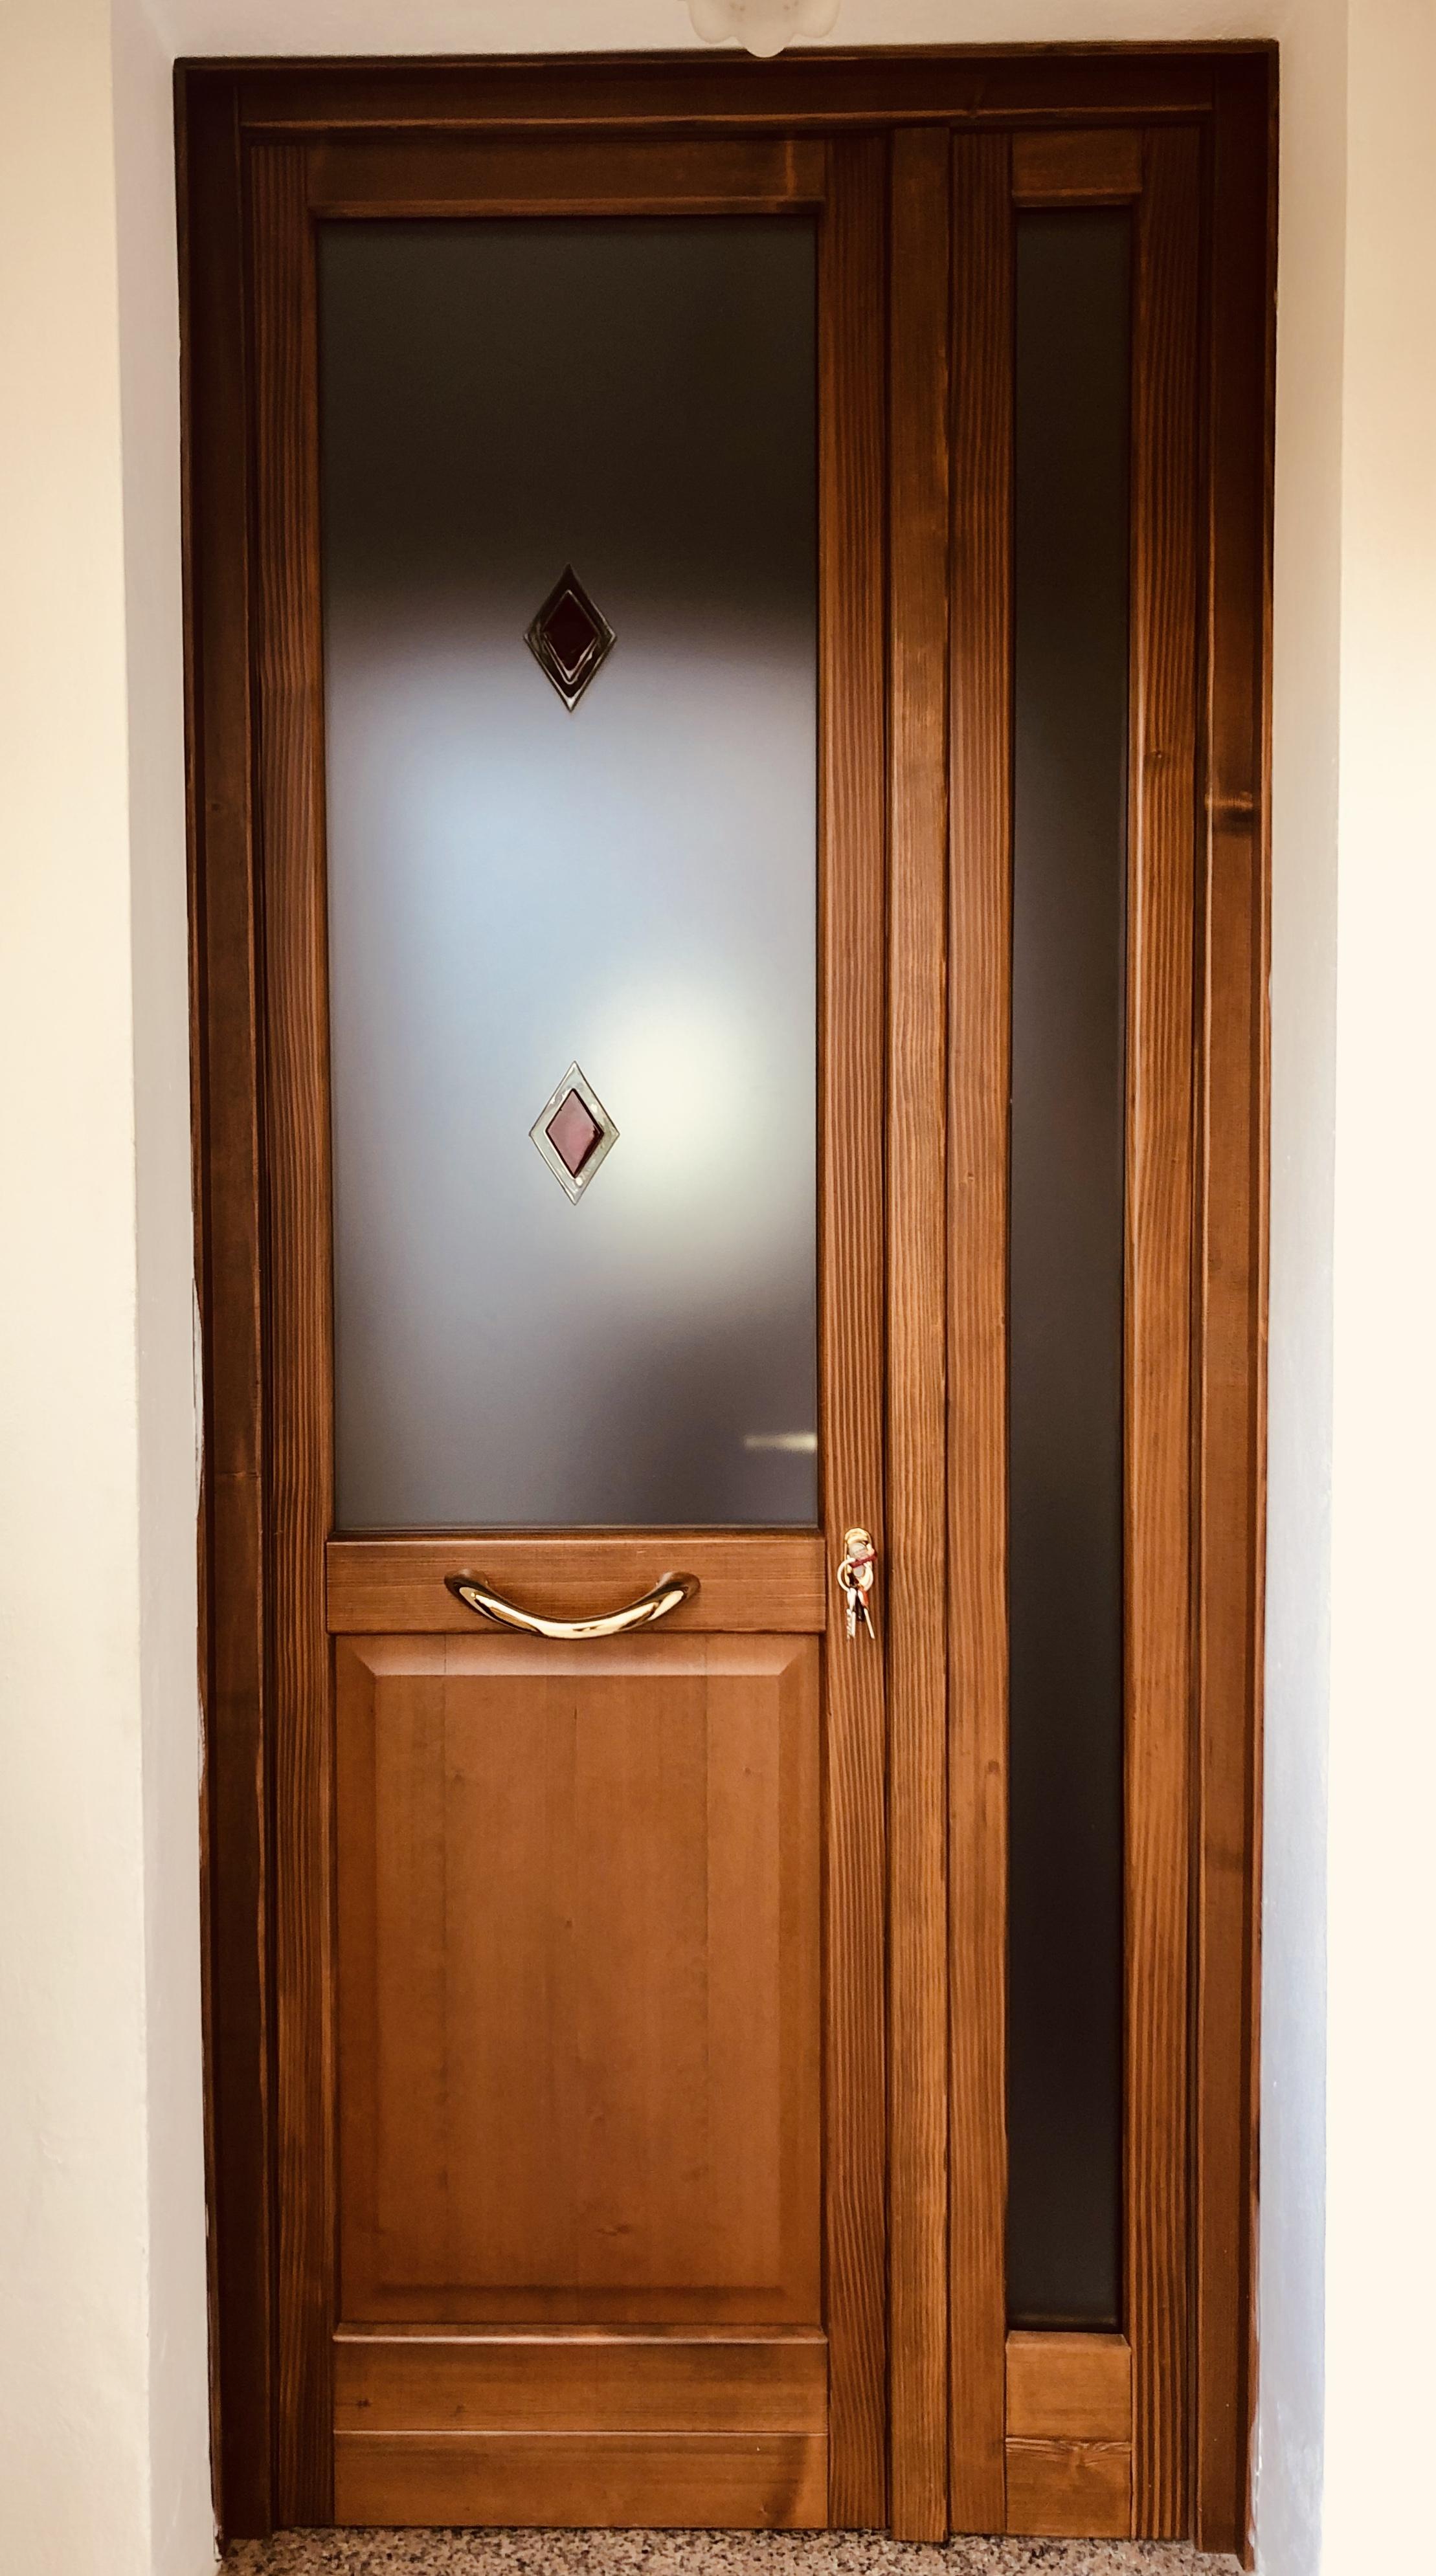 Porte Con Vetro Satinato porta d'ingresso in abete lammellare a due ante con vetro